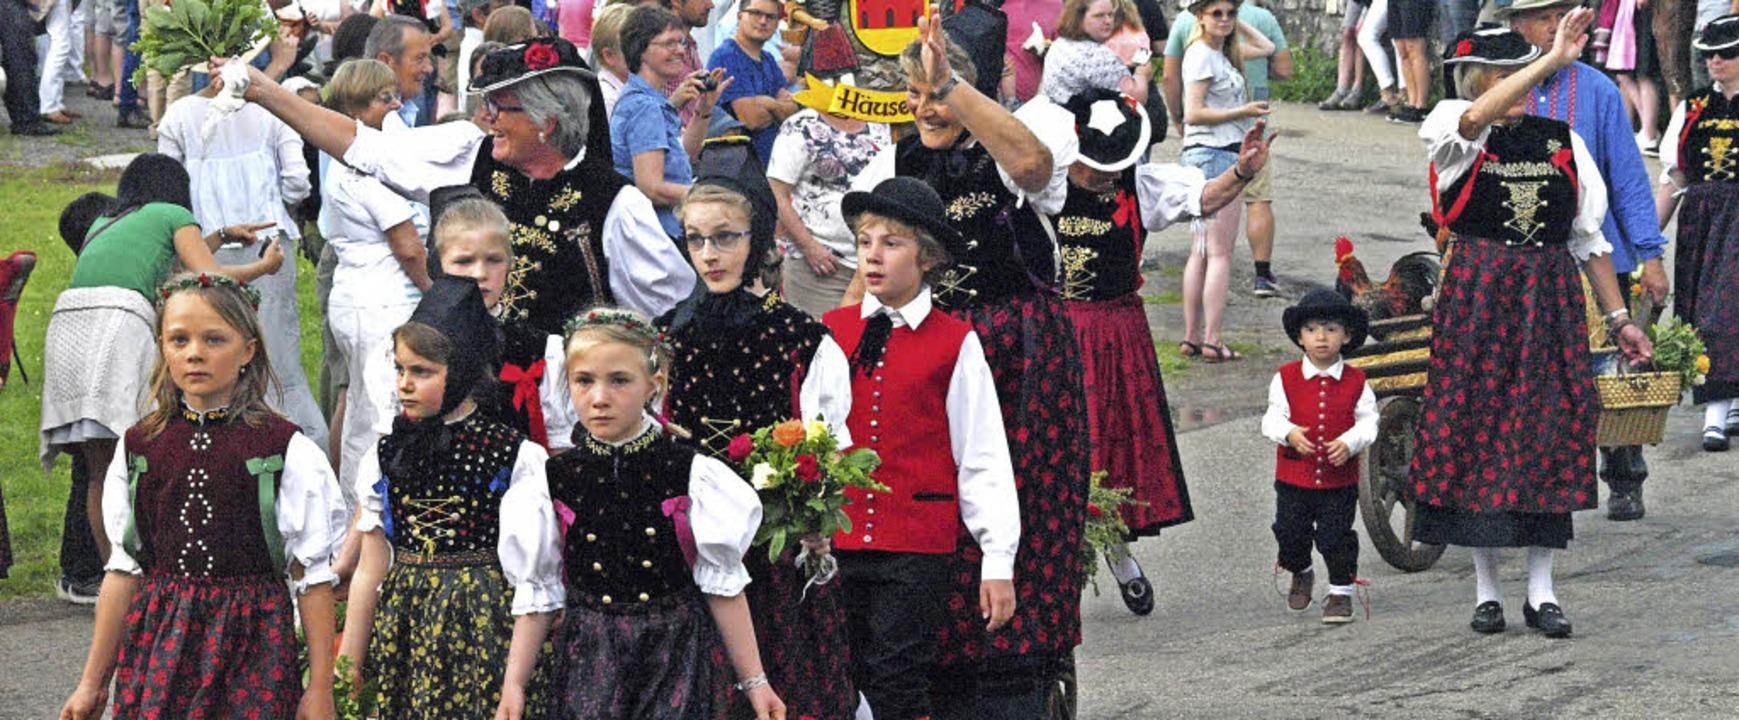 33 Gruppen beteiligten sich am Festumzug in Urberg  | Foto: Karin Stöckl-Steinebrunner